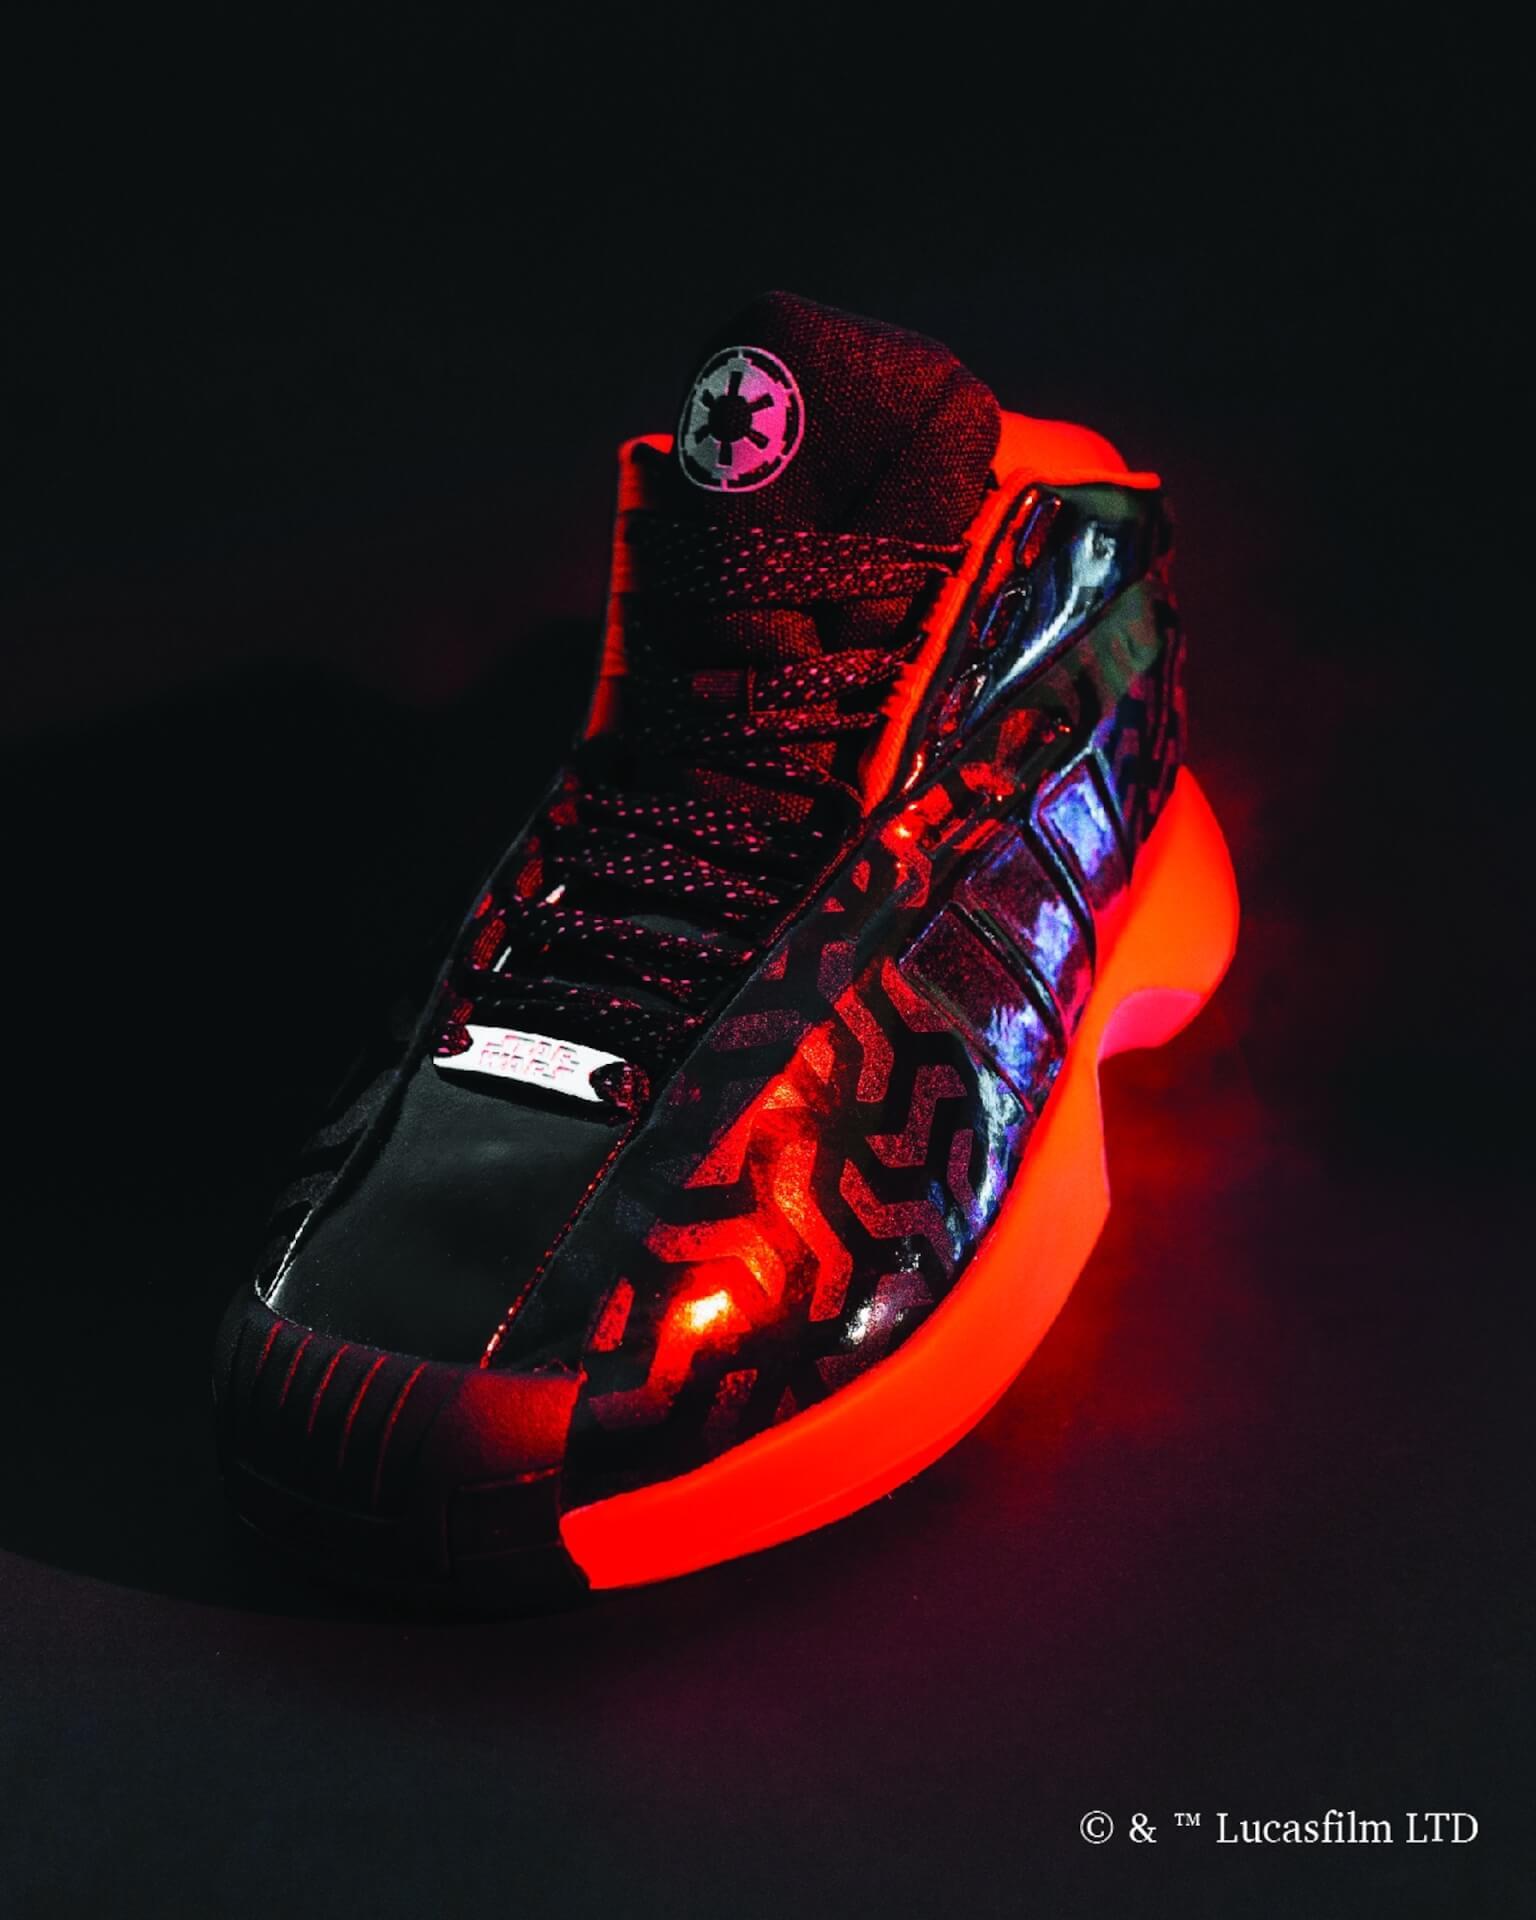 adidas「スター・ウォーズ」に登場するキャラクターやライトセーバーをモチーフにしたスニーカーを発売 life191029_starwars_adidas_19